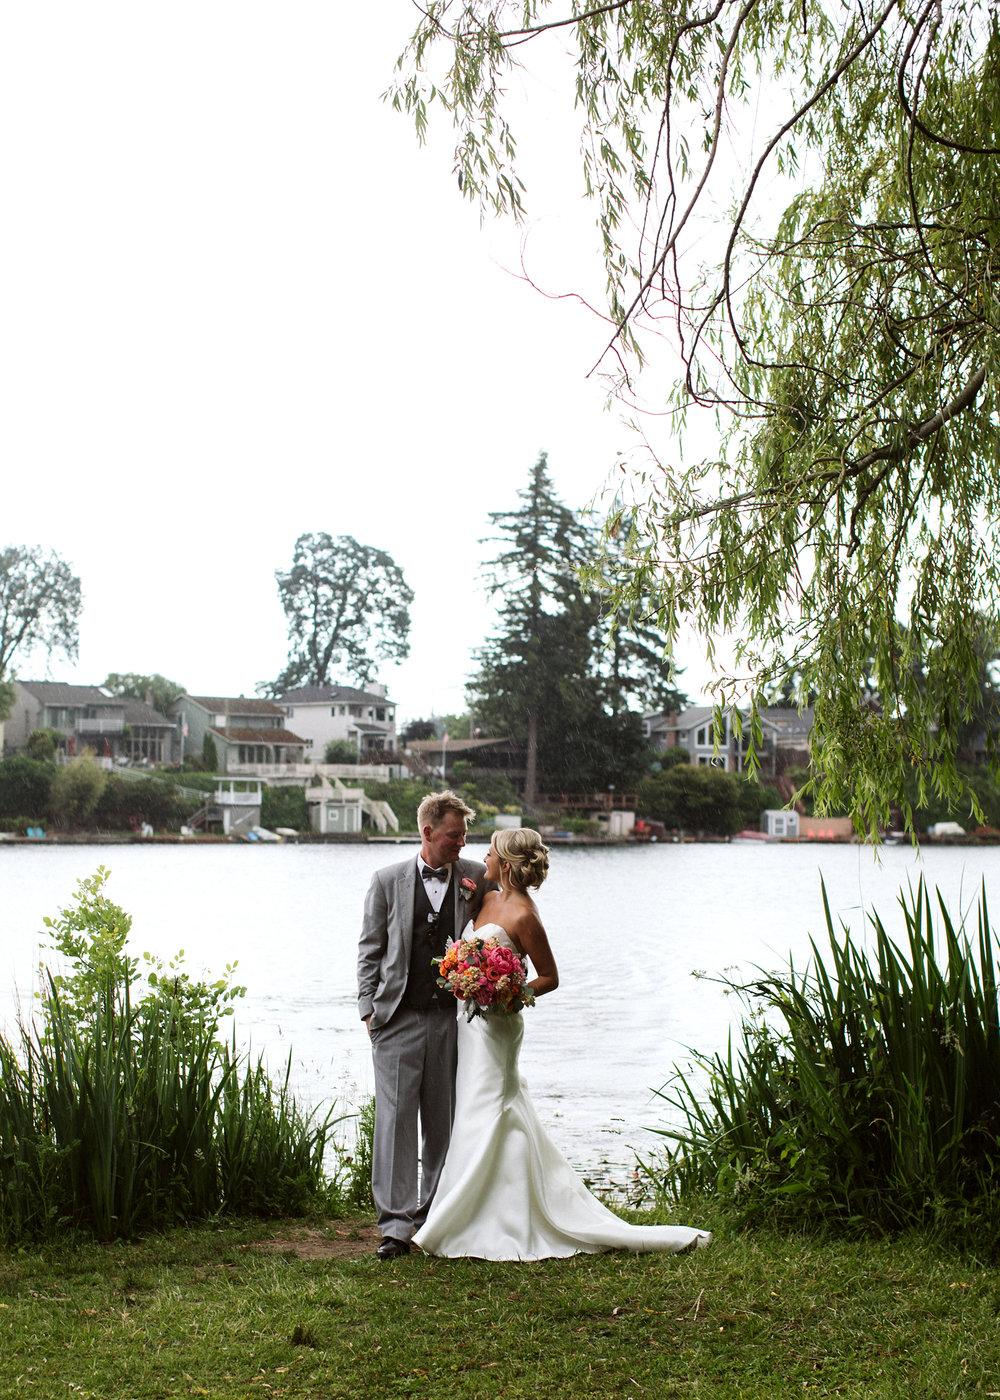 111-daronjackson-gabby-alec-wedding.jpg